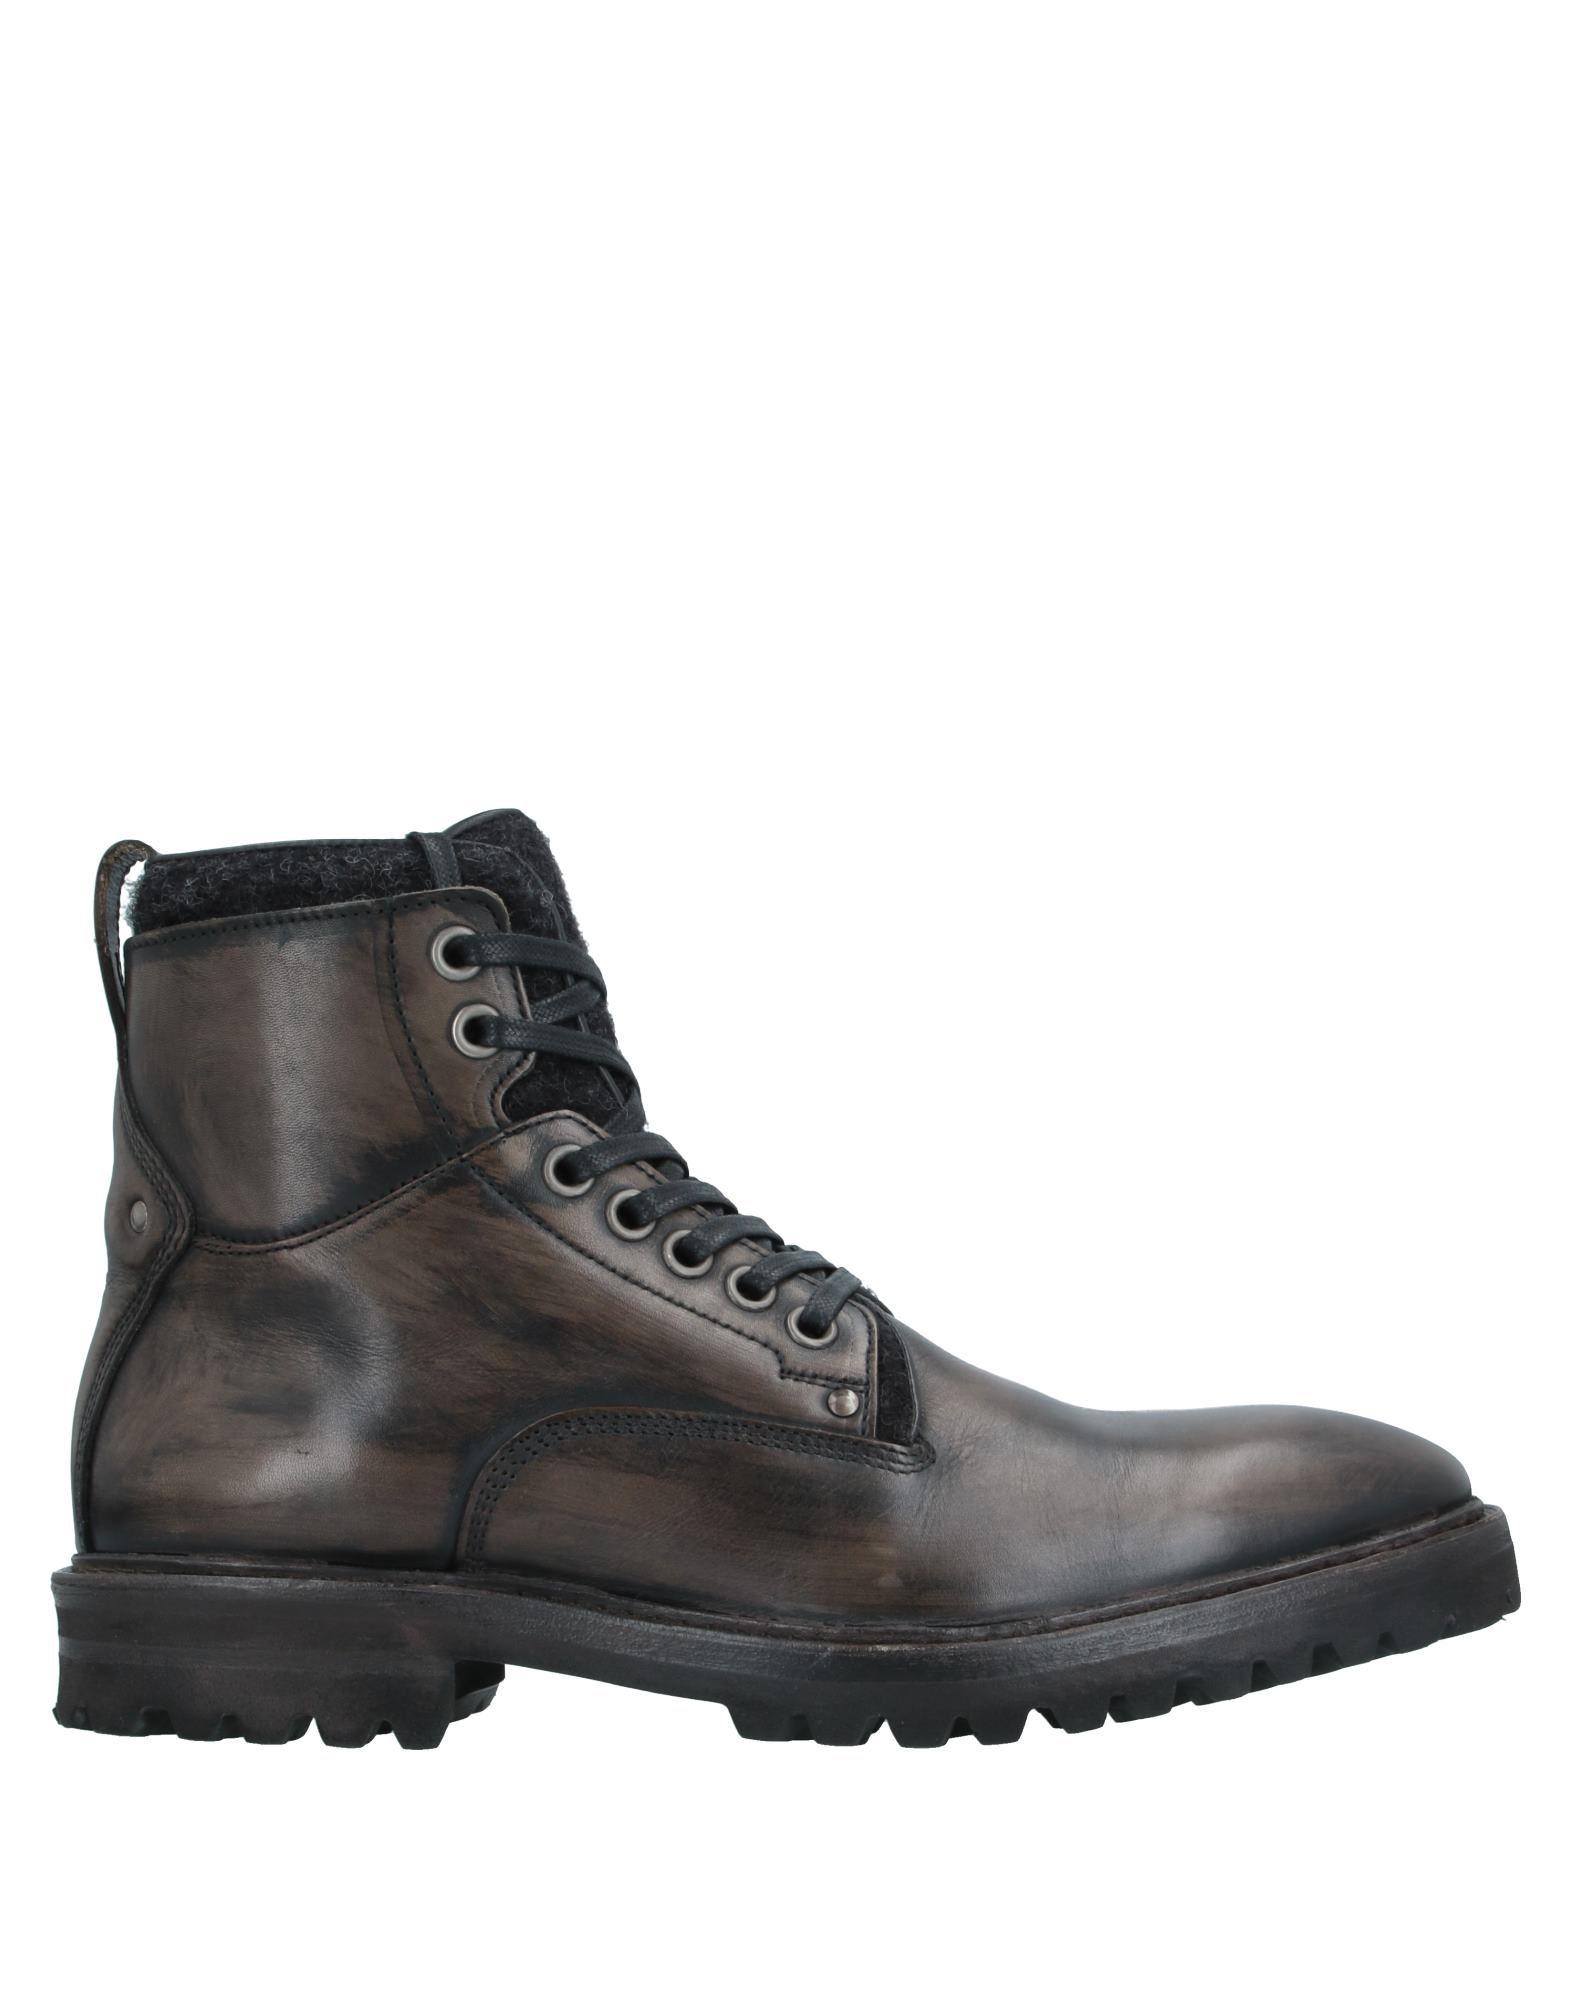 John Varvatos Stiefelette Herren  11535873WB Gute Qualität beliebte Schuhe